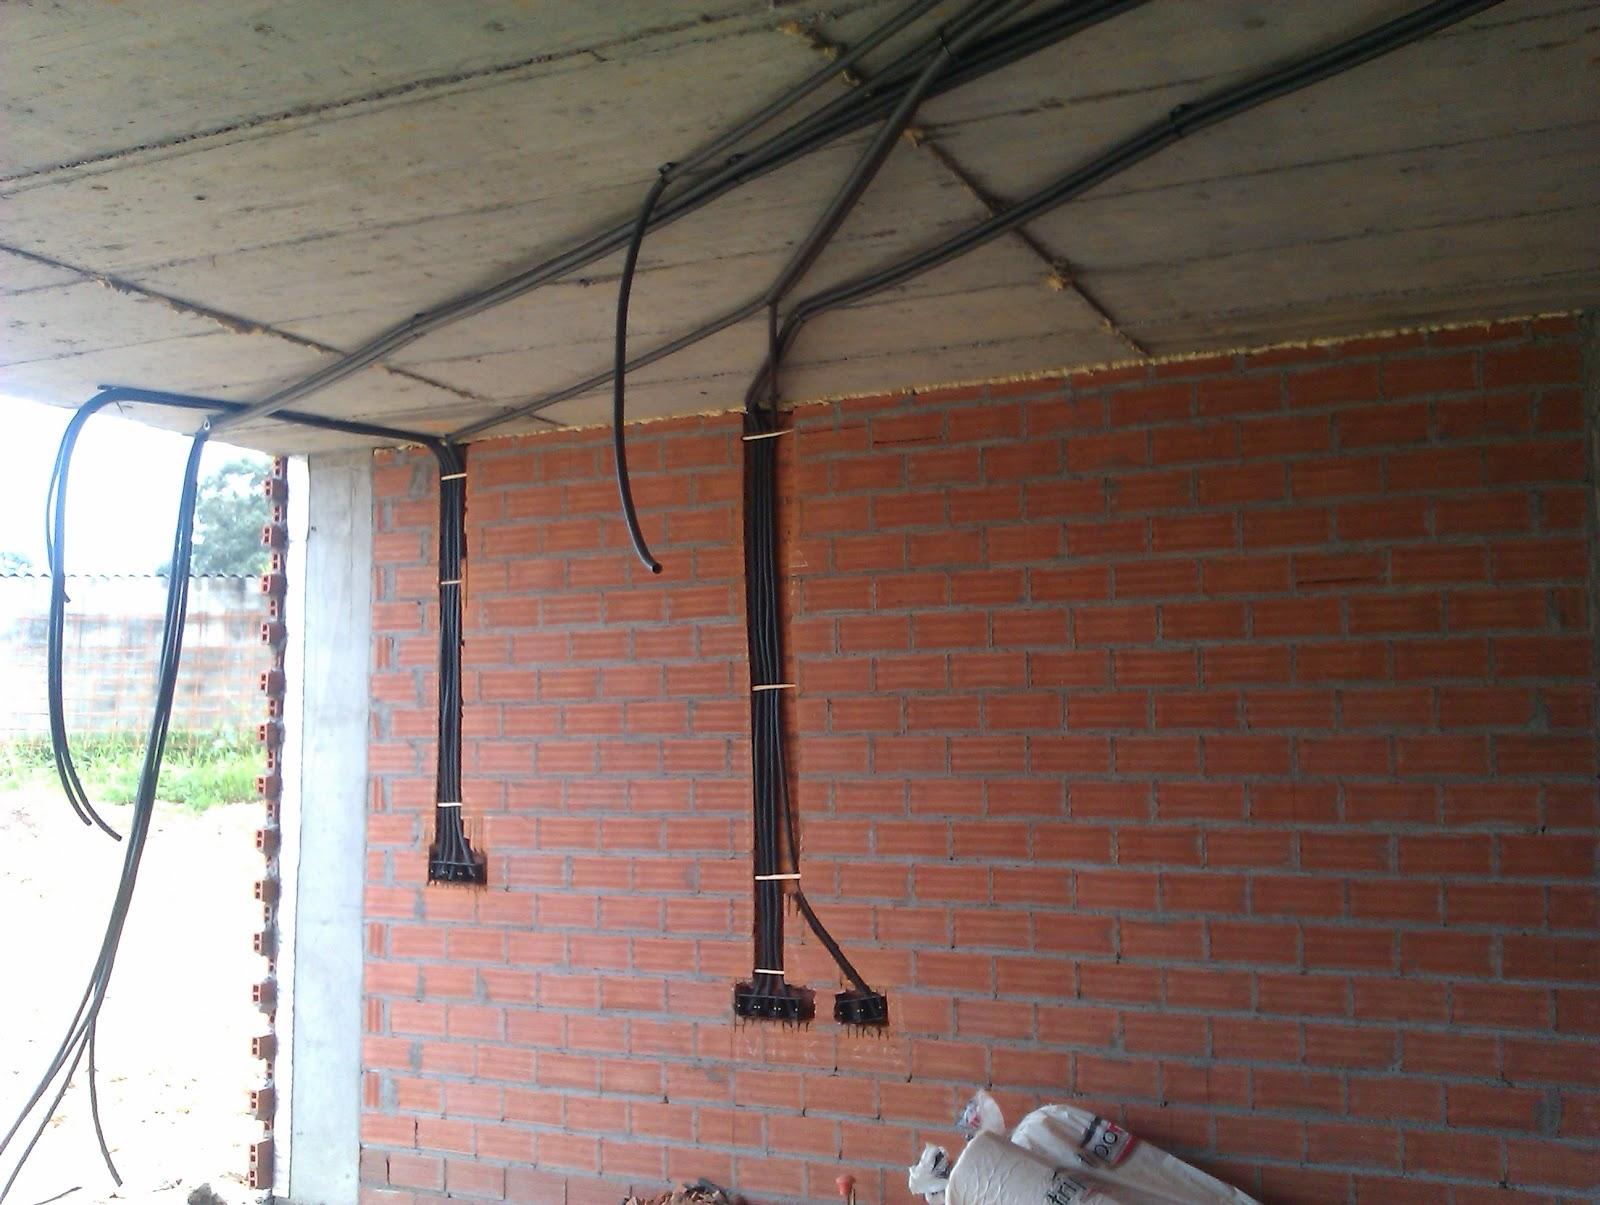 Instalaciones el ctricas mario entubado vivienda en la - Instalacion electrica vista ...